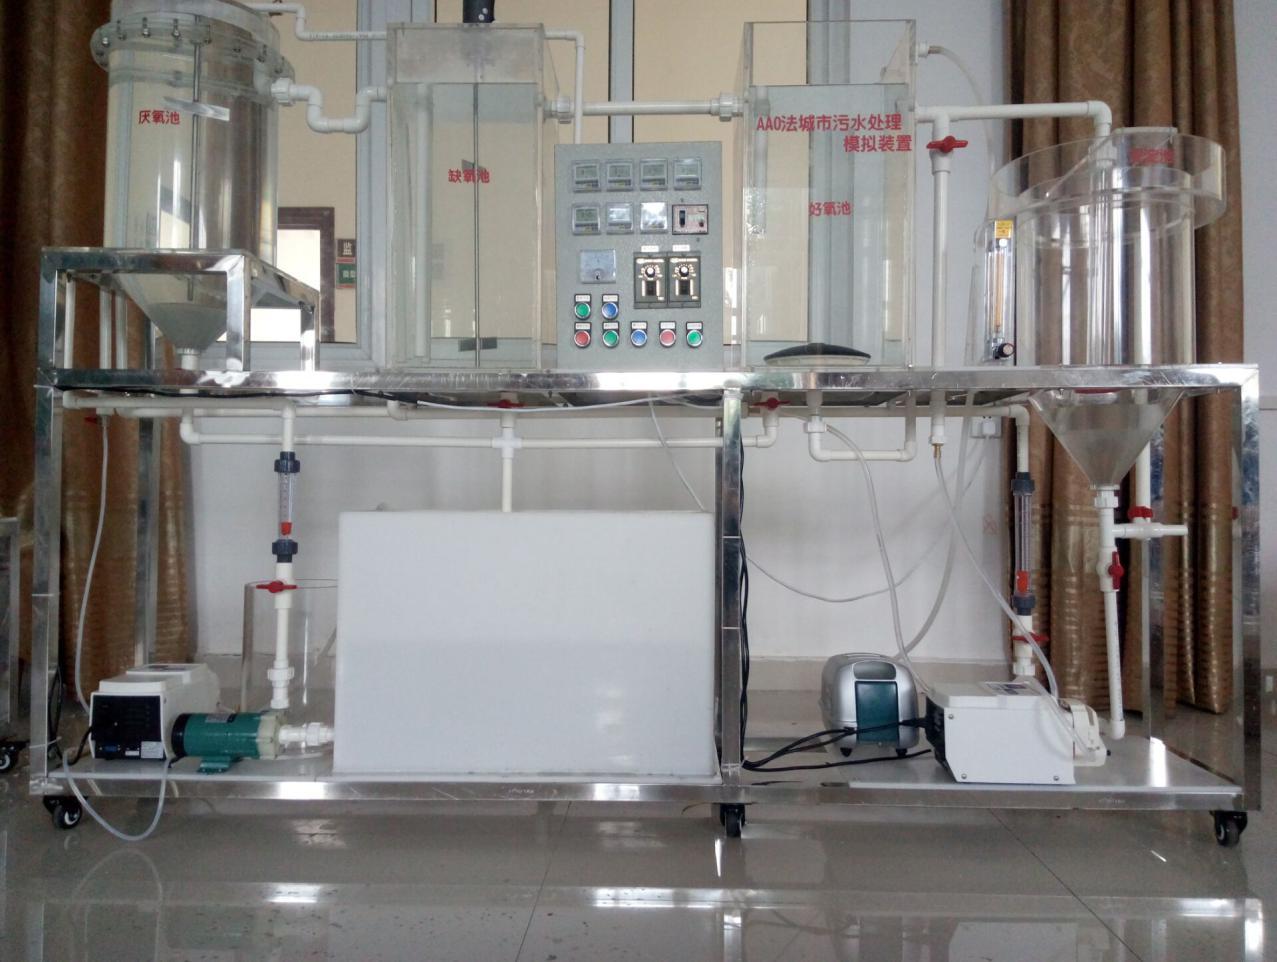 A2O法城市污水处理模拟设备